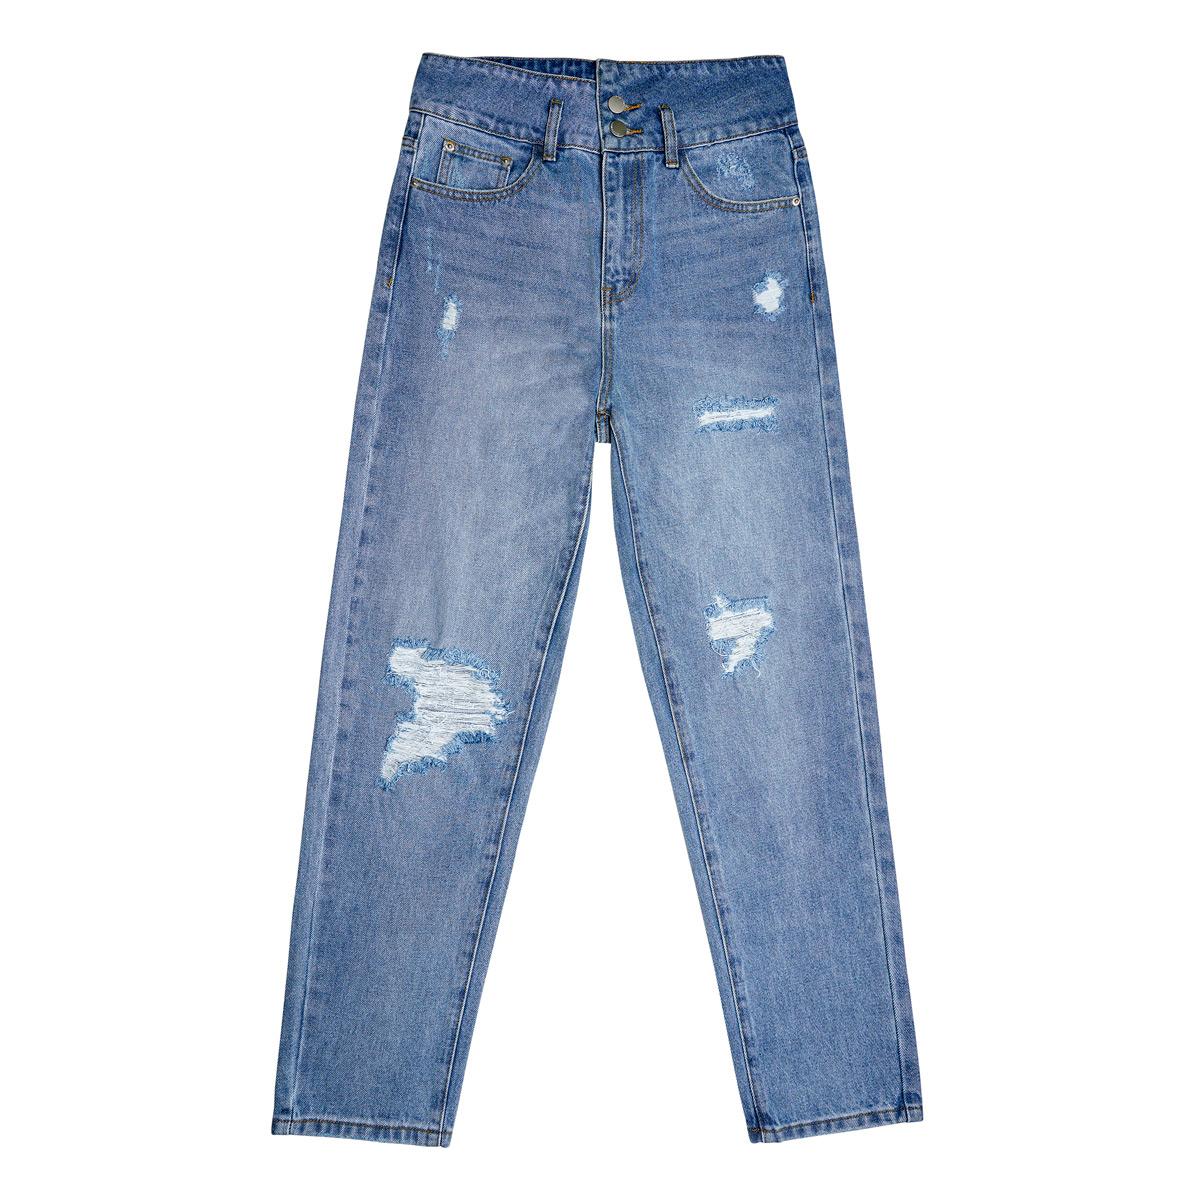 Hoch taillierte, knöchellange distressed-jeans